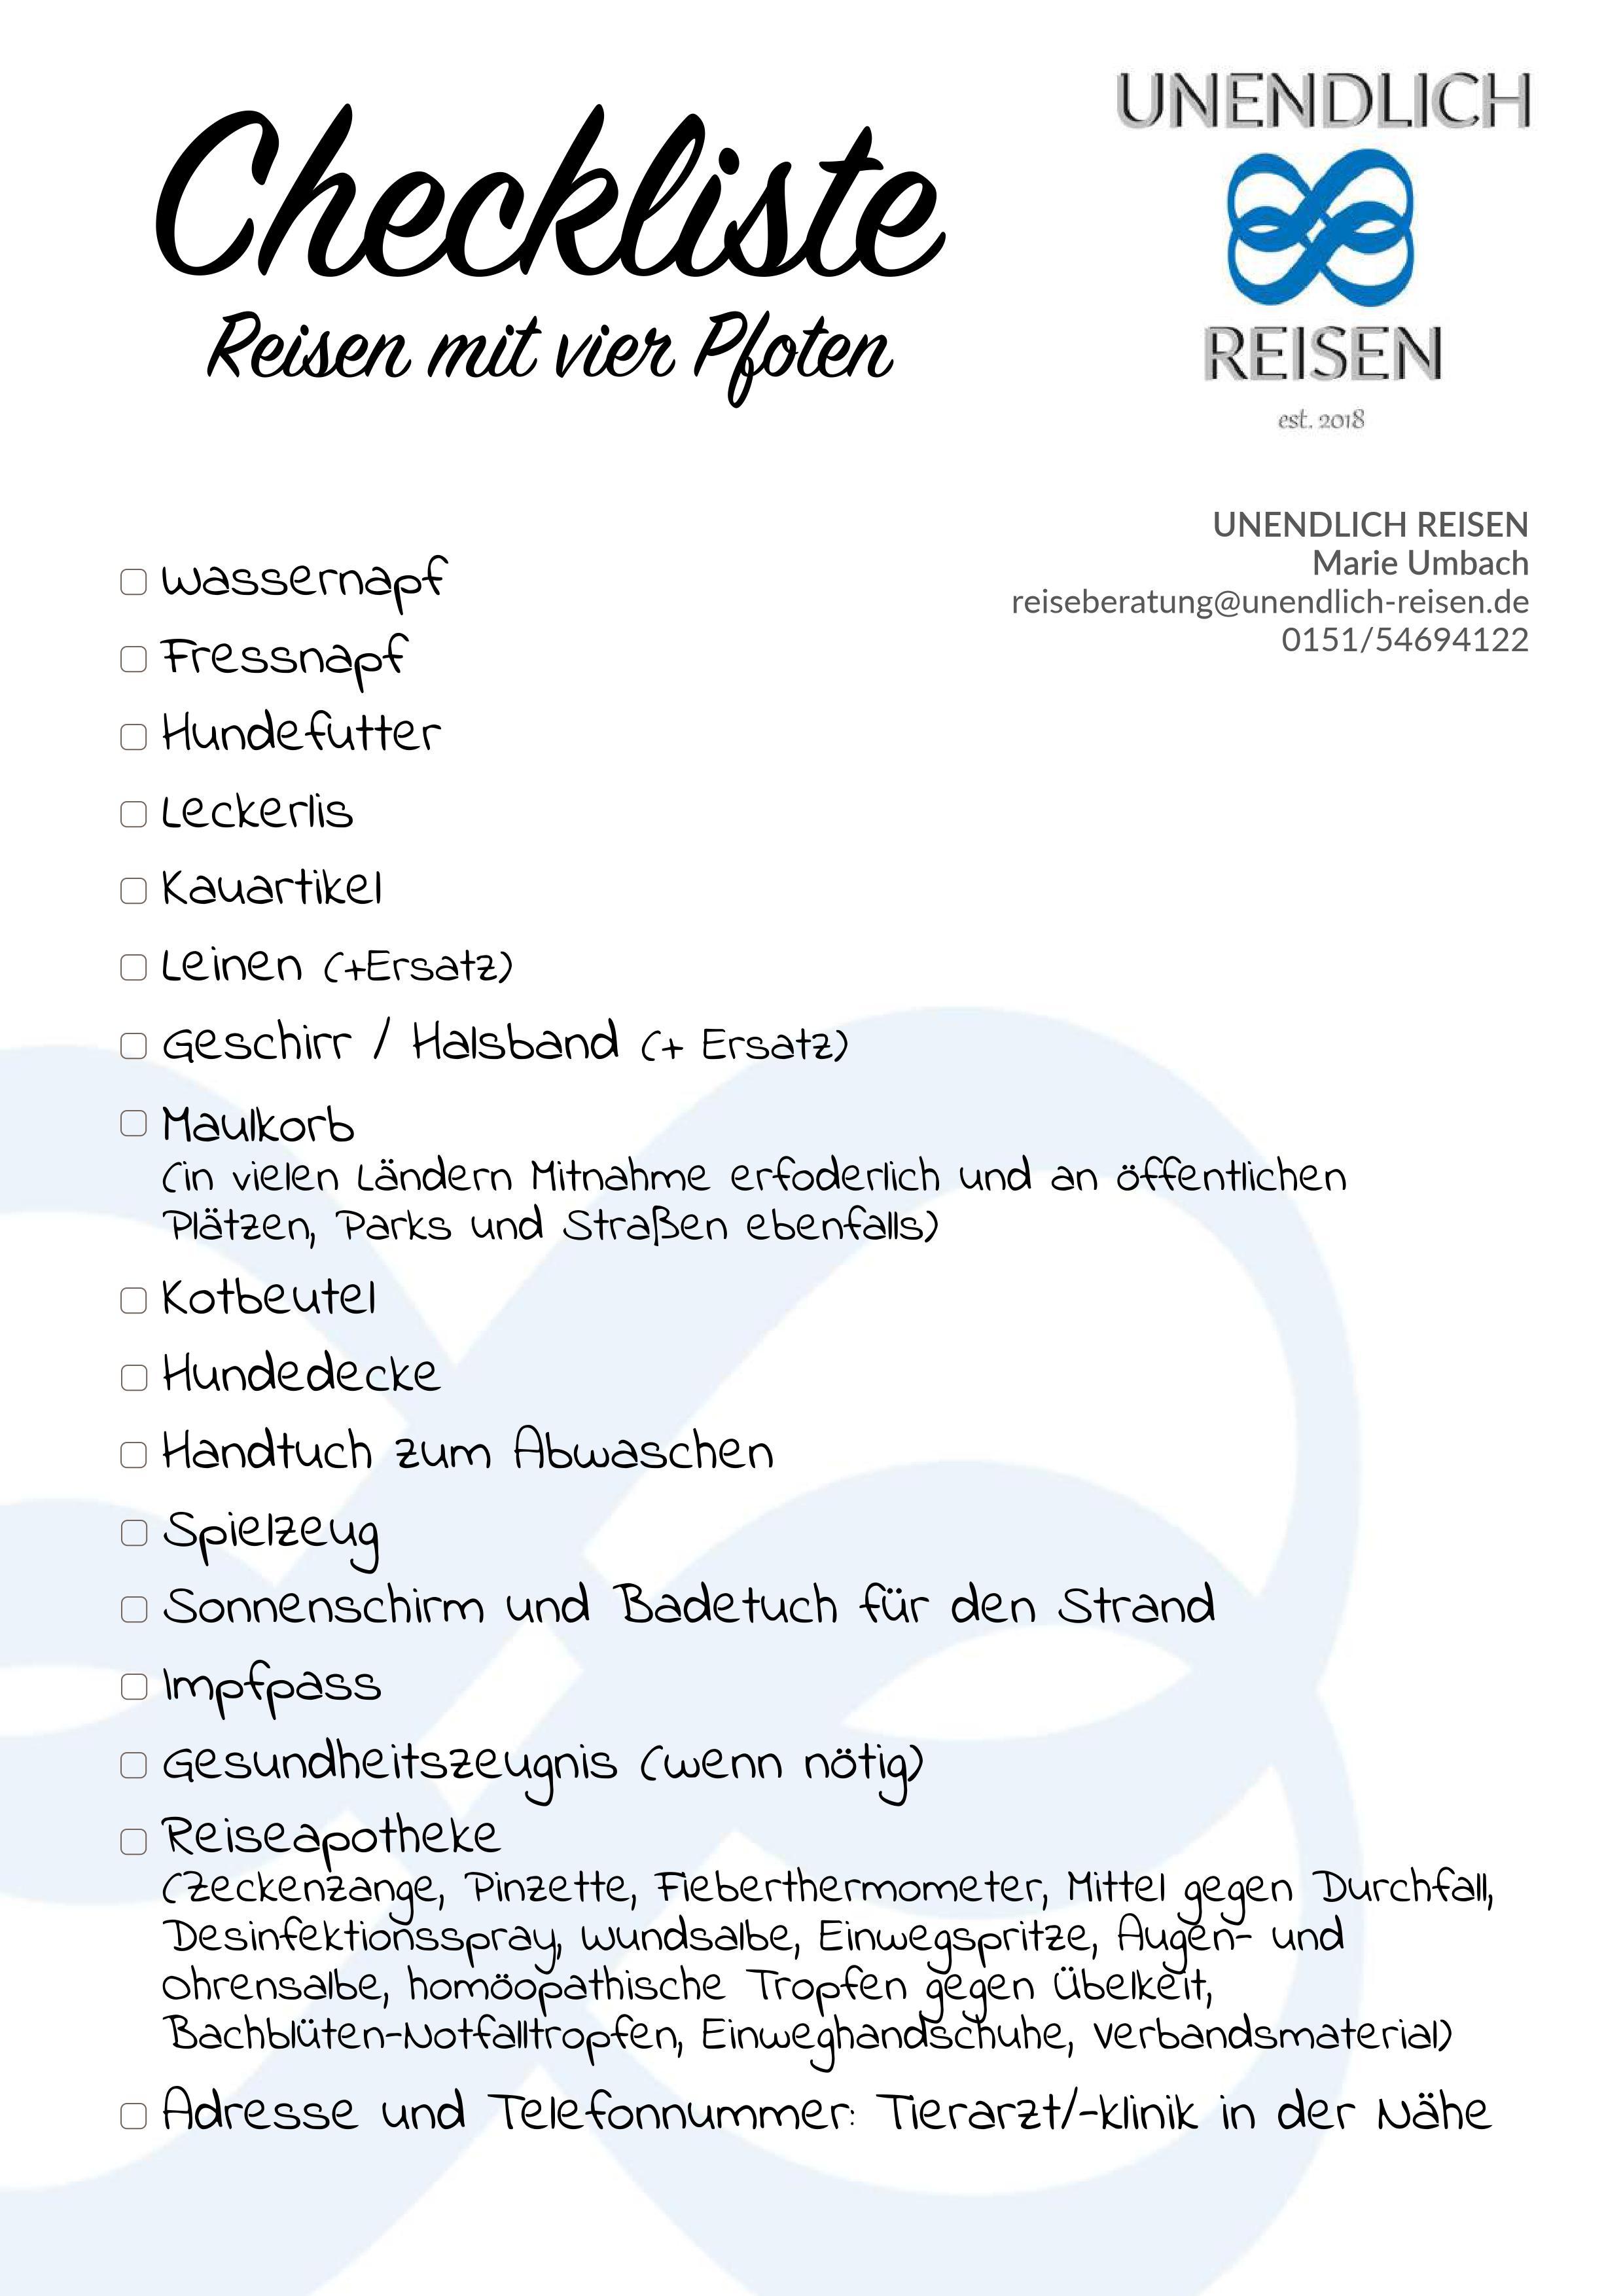 Niedlich Urlaub Verpackung Checkliste Vorlage Zeitgenössisch ...